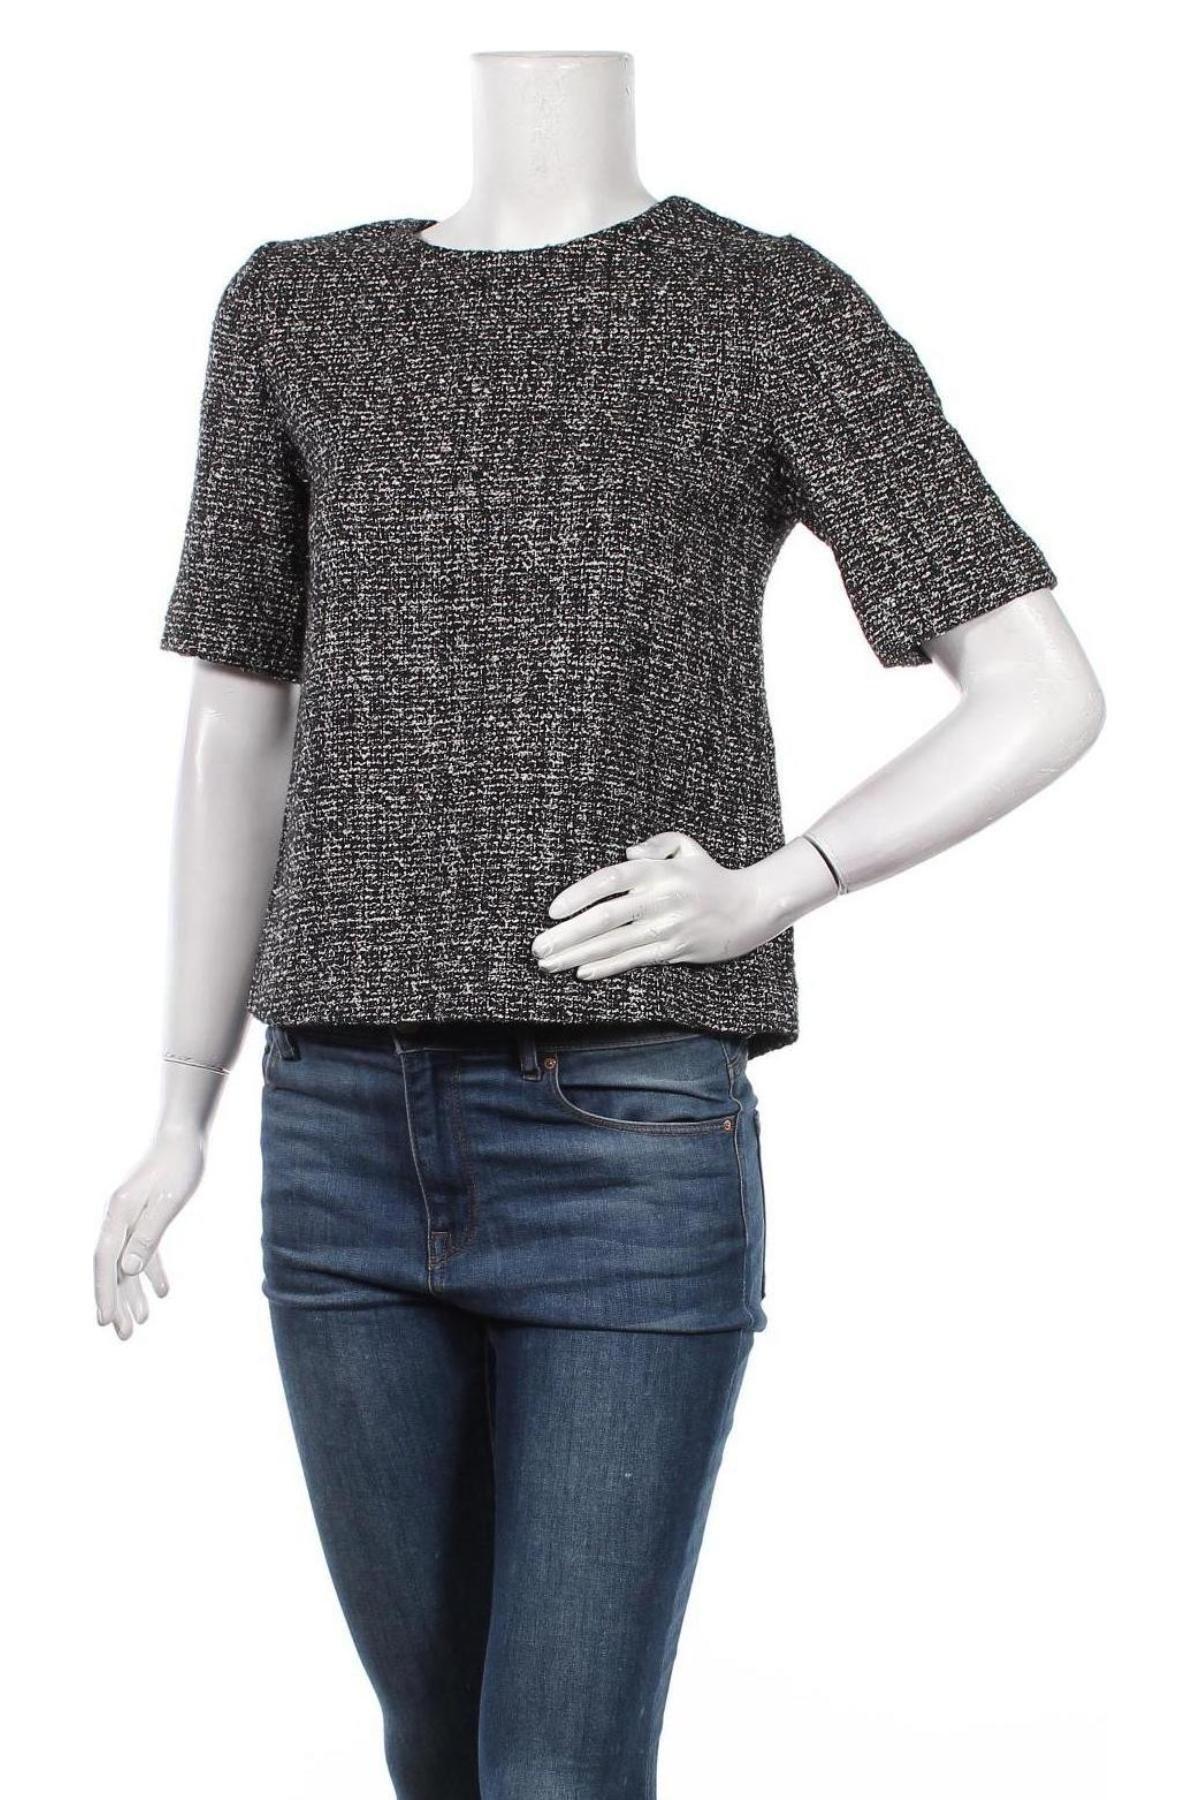 Γυναικείο πουλόβερ Massimo Dutti, Μέγεθος S, Χρώμα Λευκό, 41% βαμβάκι, 31% βισκόζη, 18% πολυεστέρας, 9%ακρυλικό, 1% πολυαμίδη, Τιμή 18,54€